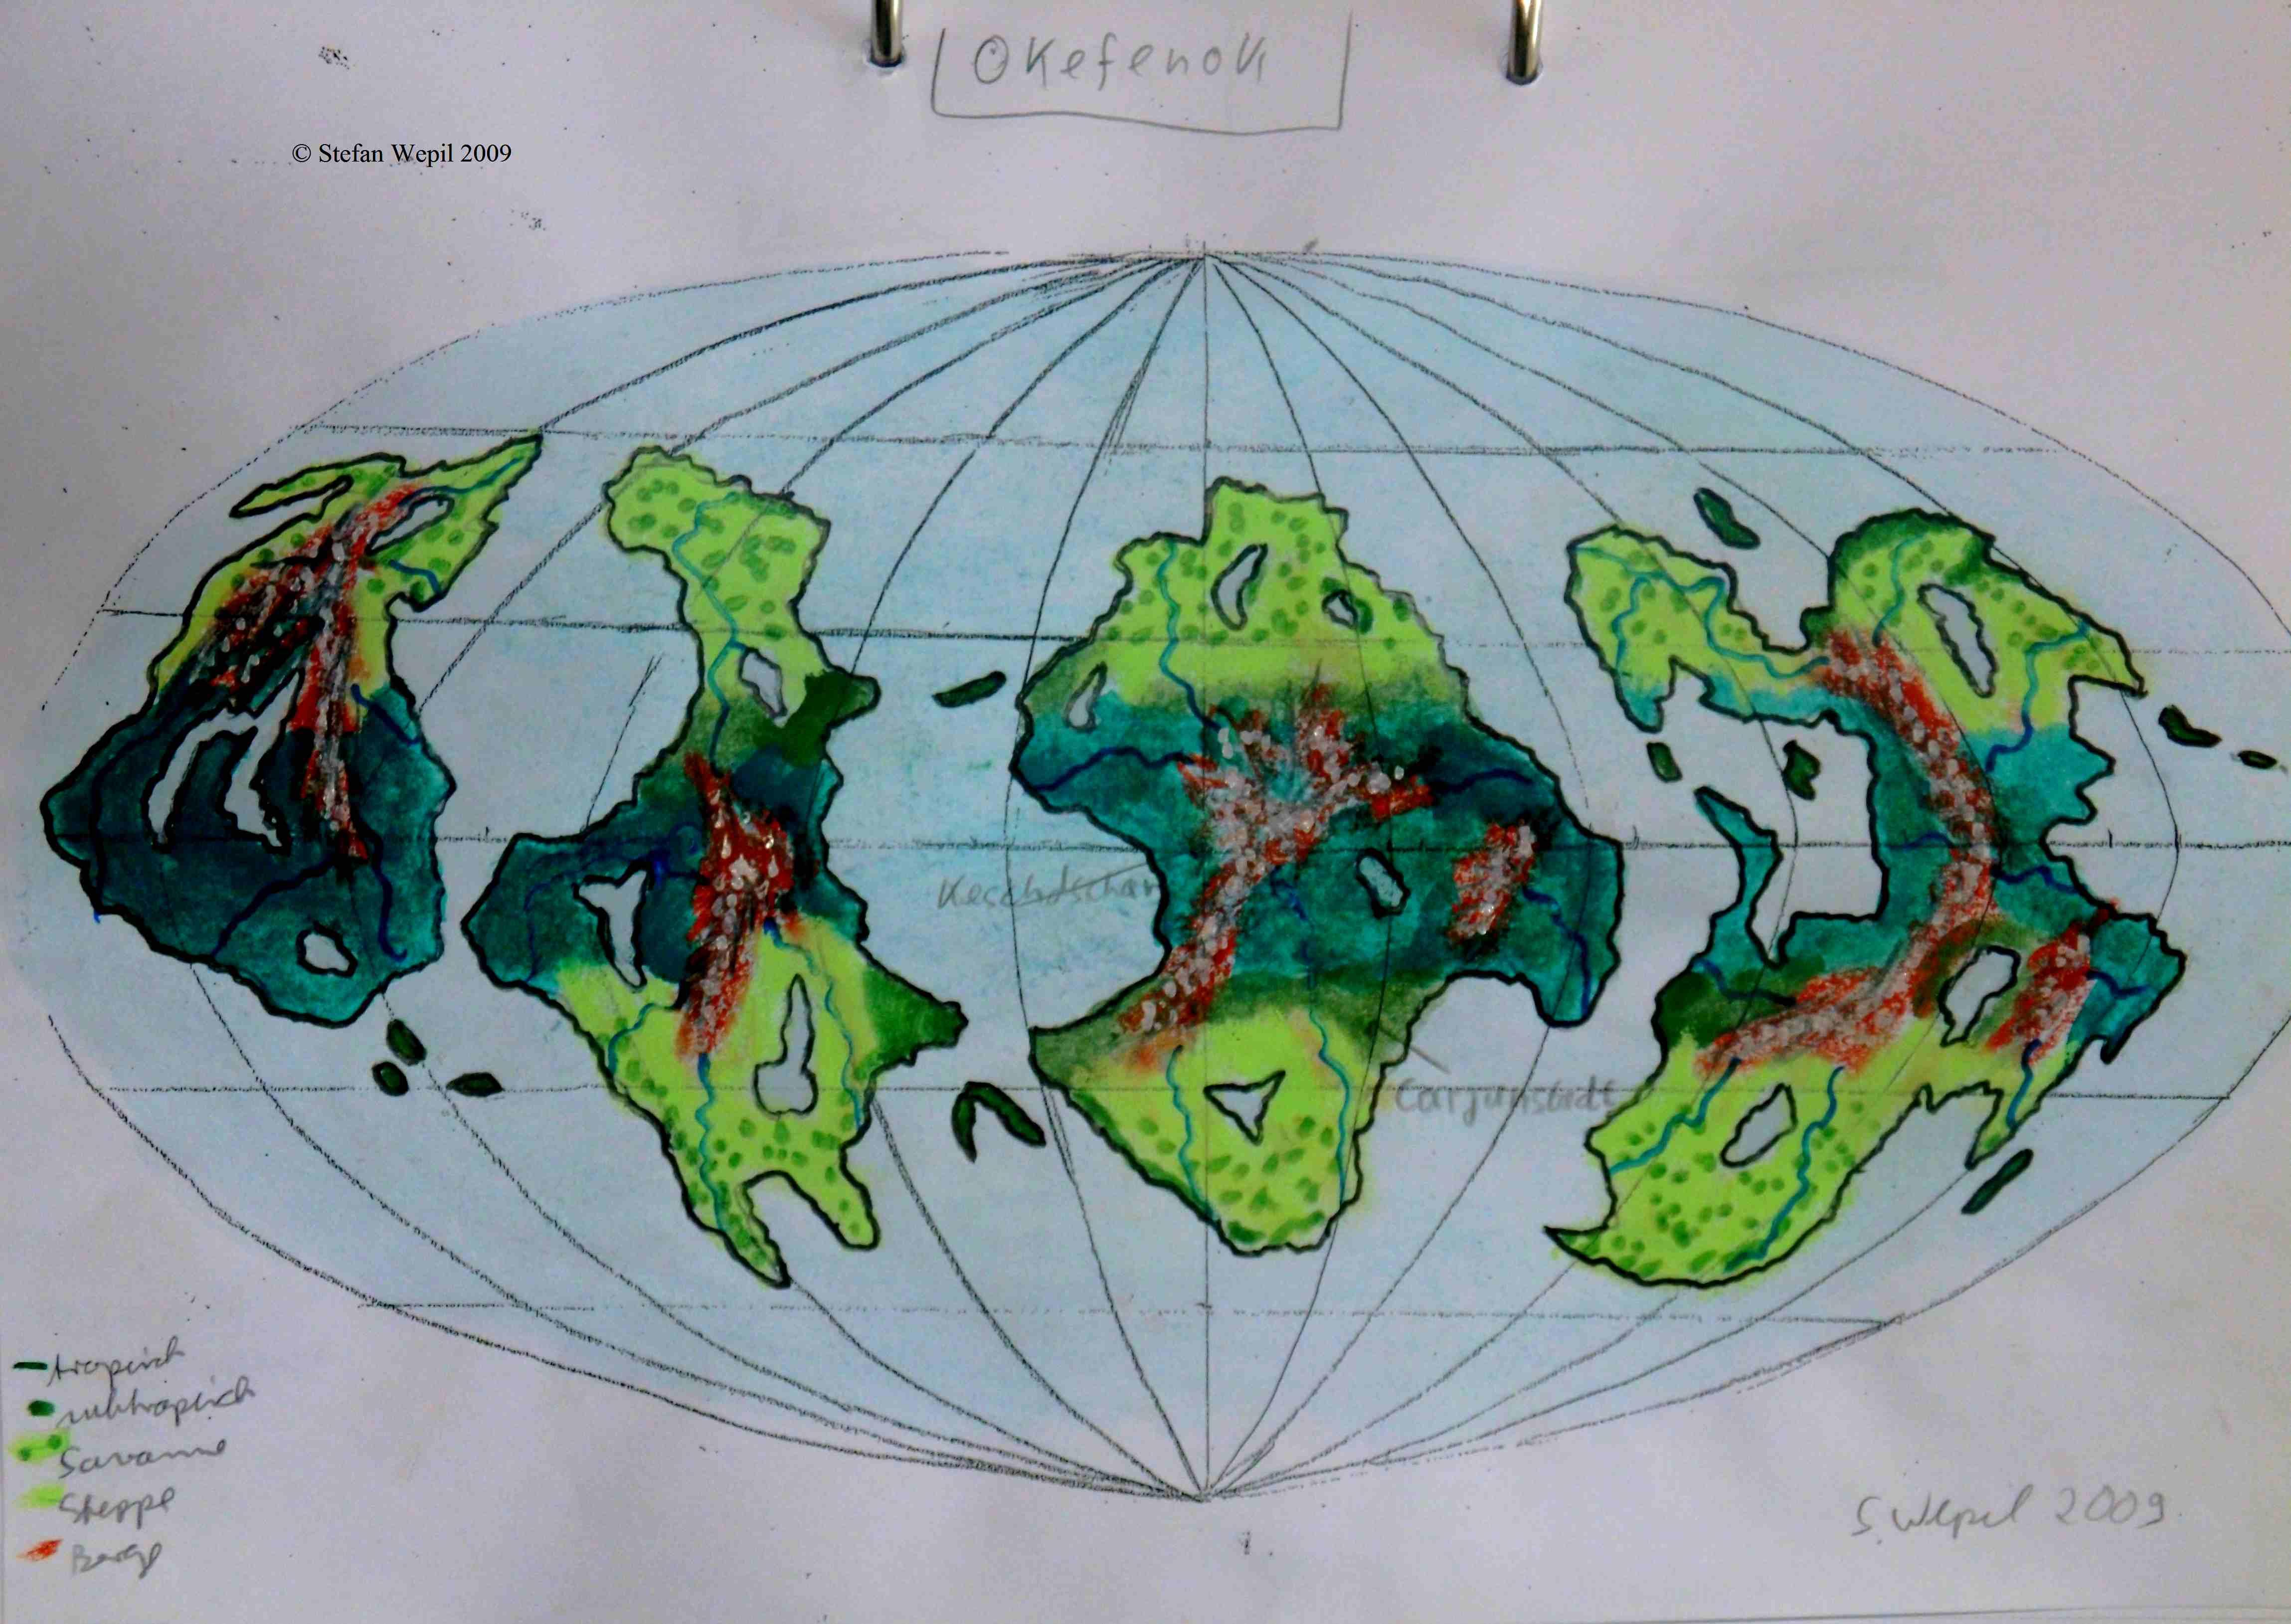 Planetenkarte von Okefenok in Cartwheel (C) Stefan Wepil